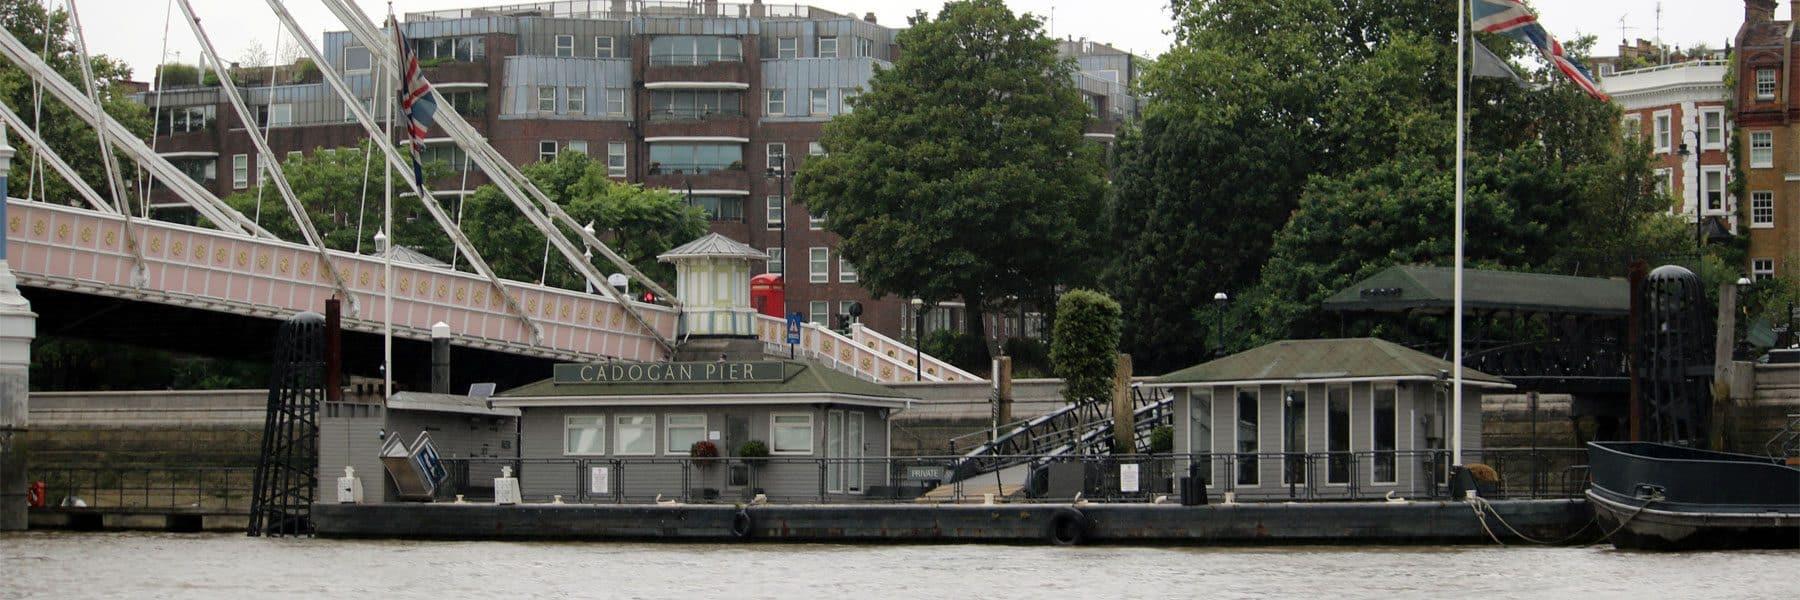 Cadogan Pier, Chelsea